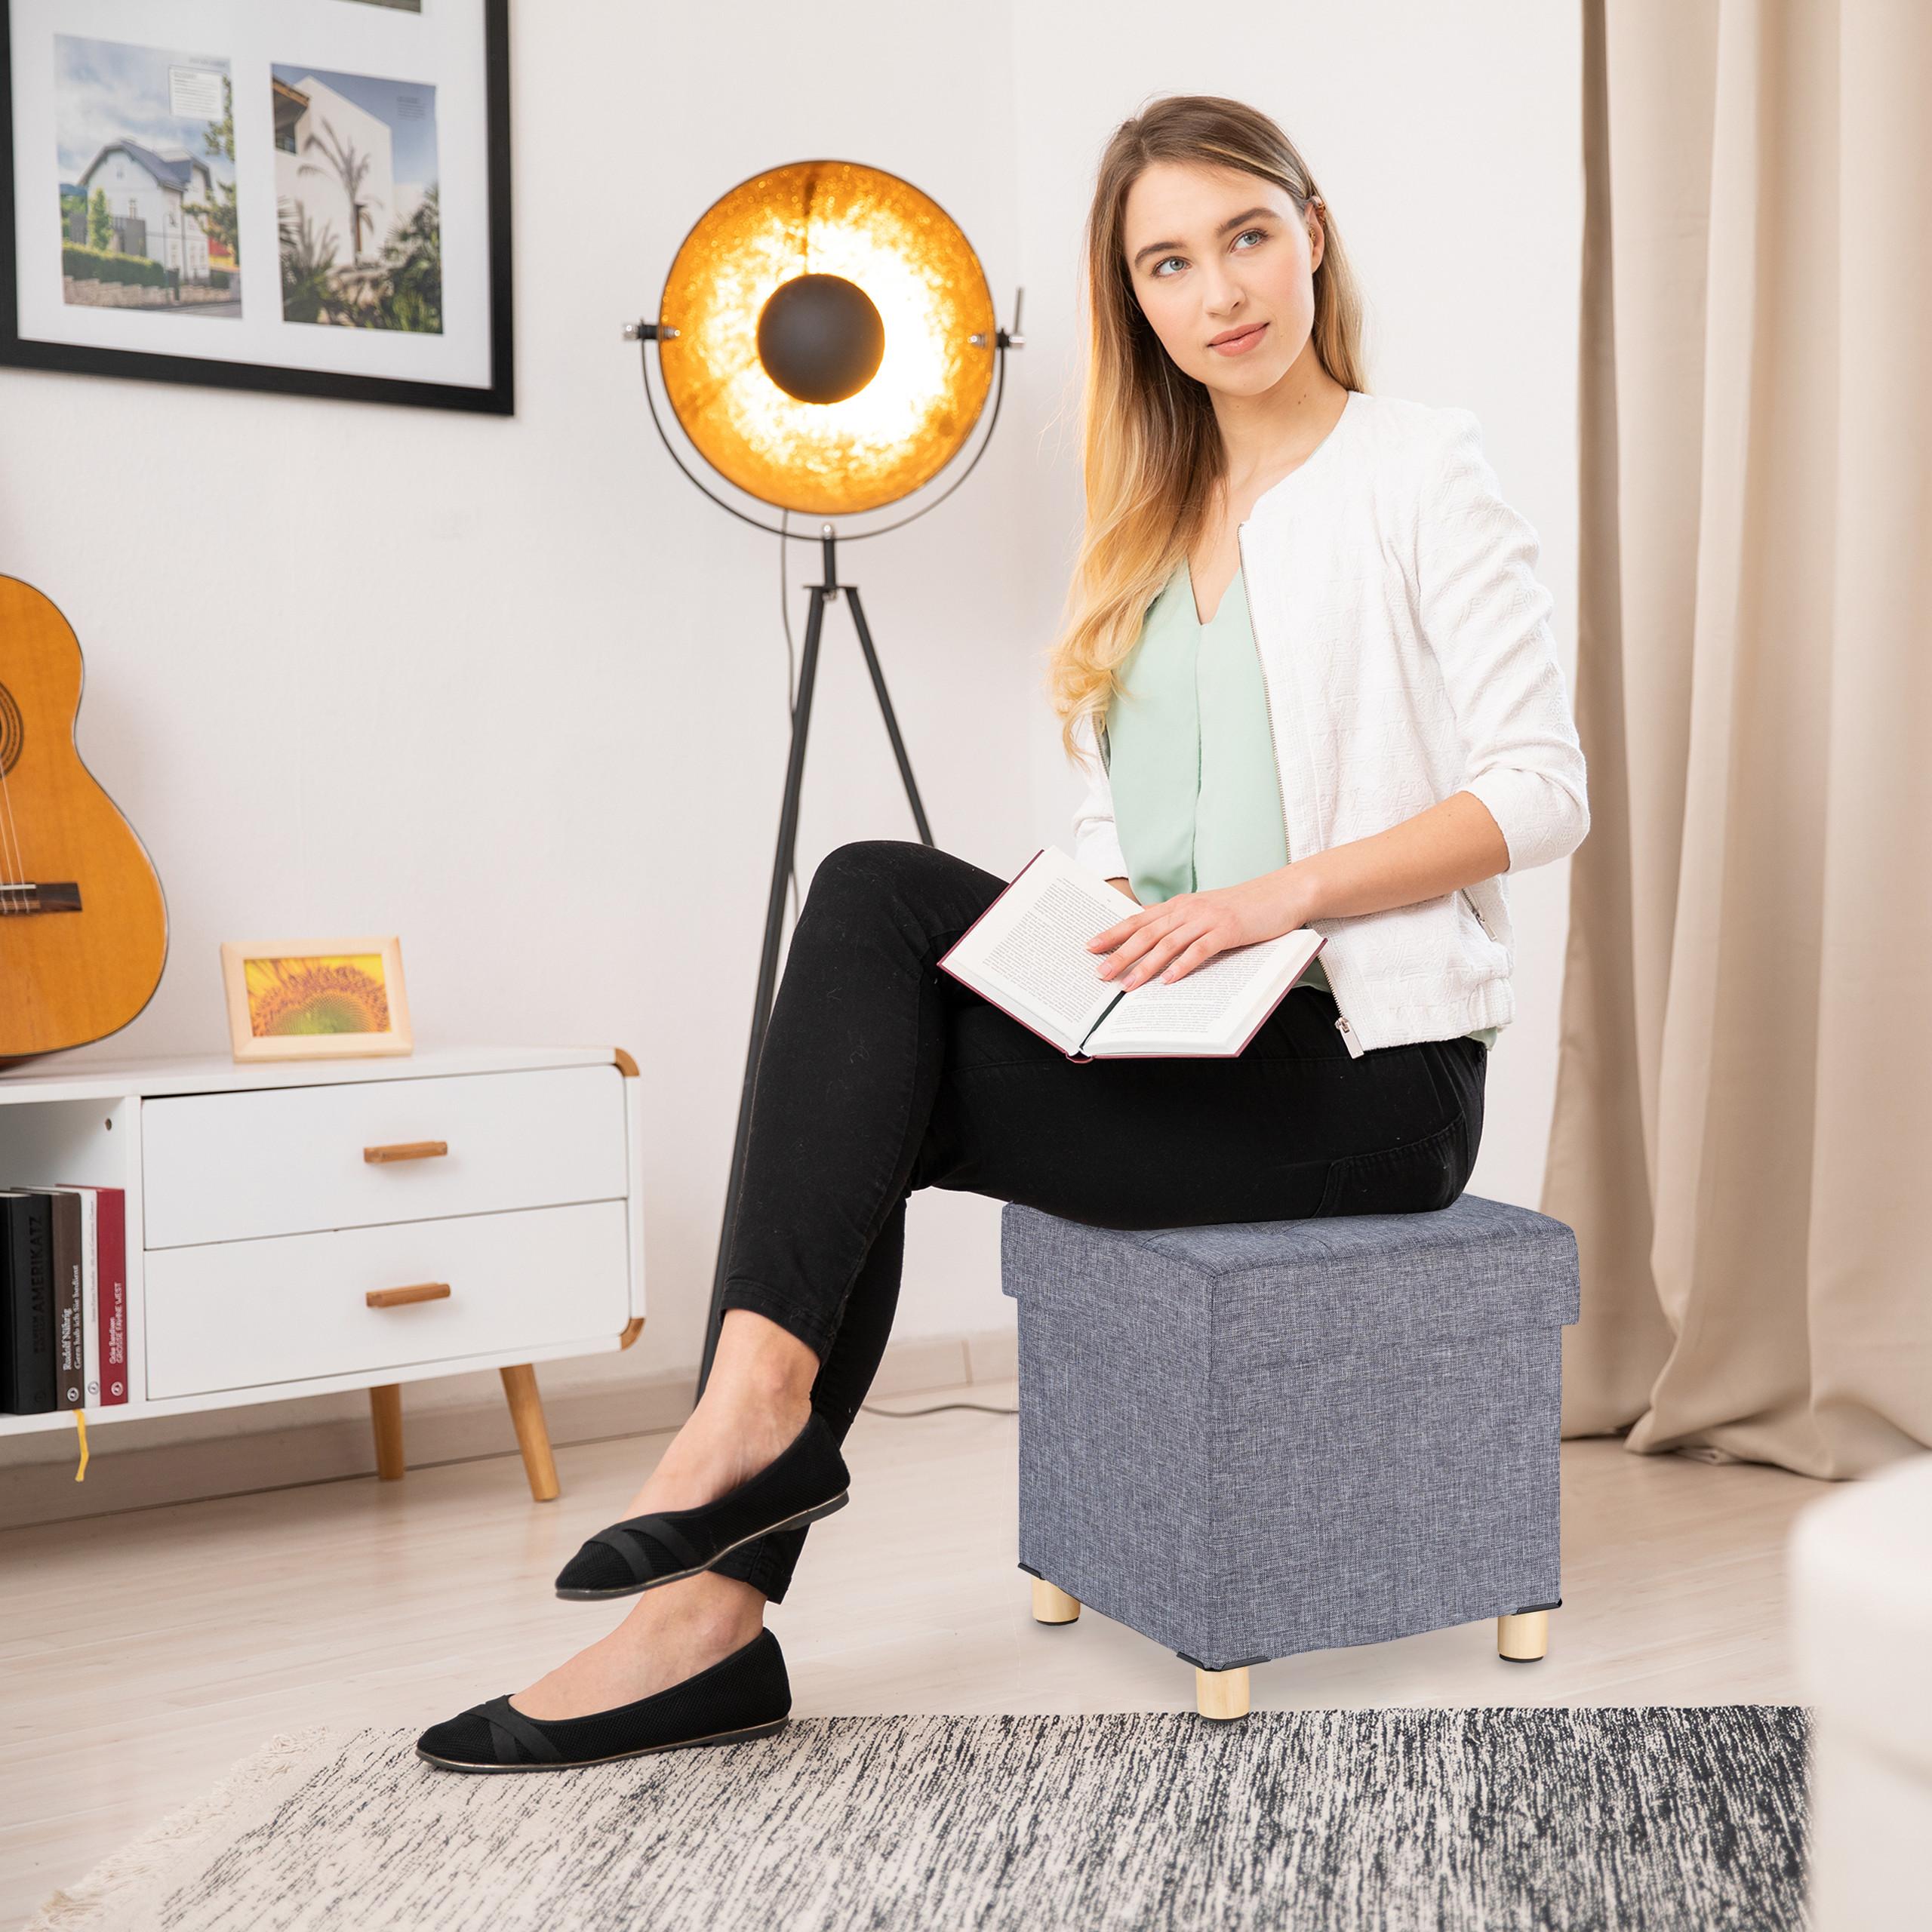 Fußhocker Stepphocker Polsterhocker Hocker Sitzhocker mit Stauraum Sitzwürfel